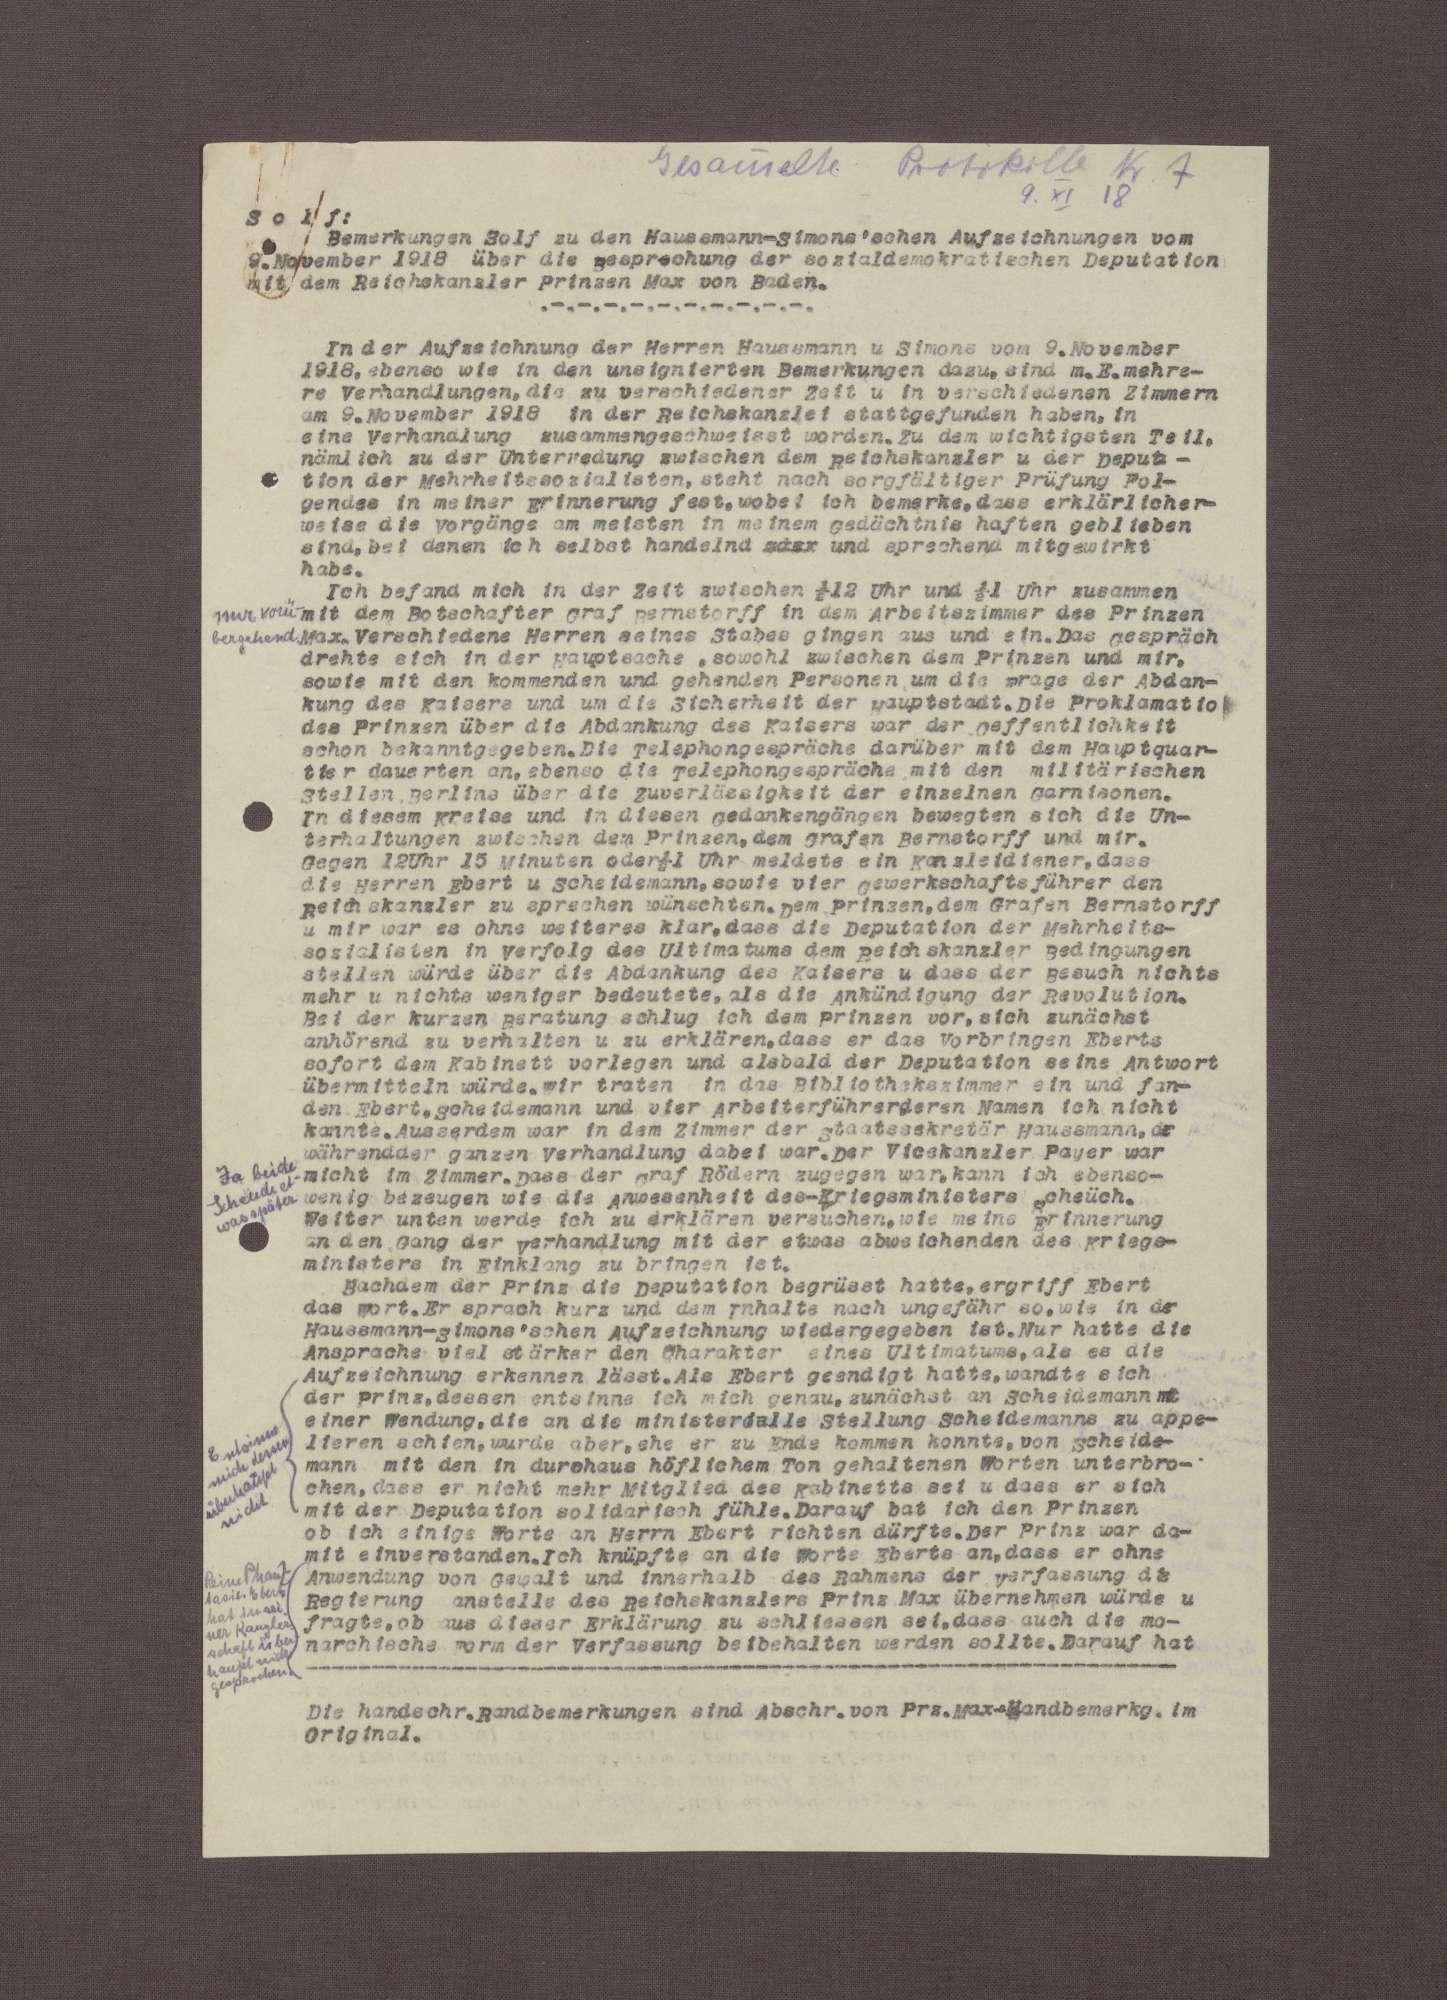 Schreiben von Wilhelm Solf an Prinz Max von Baden bzgl. der Aufzeichnungen Haußmanns über die Ereignisse am 09.11.1918, Bild 3